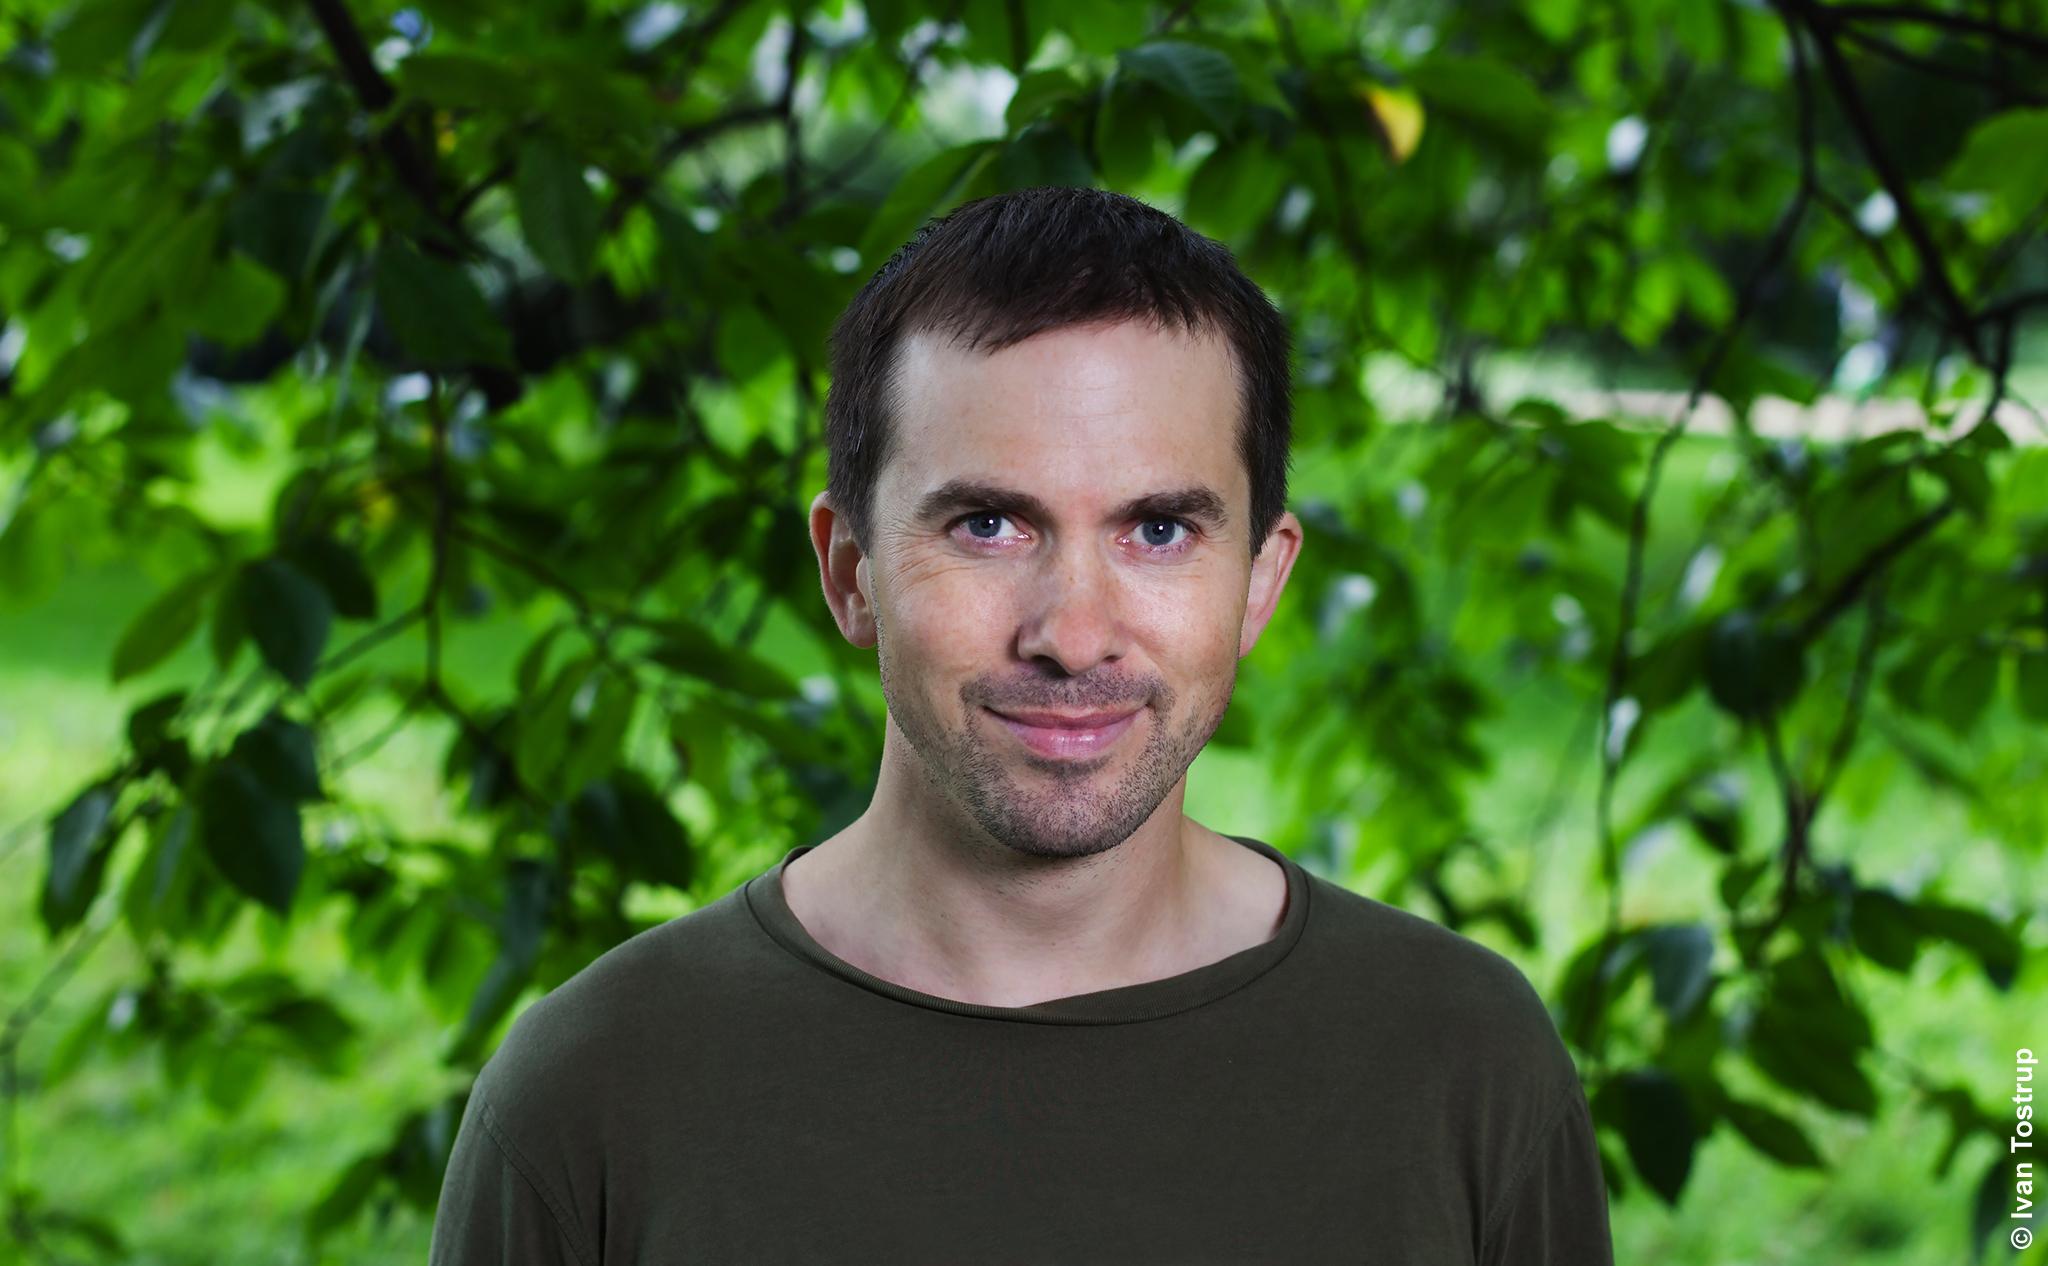 - Sverre Lundemo er seniorrådgiver i WWF Verdens naturfond og arbeider med spørsmål og utfordringer knyttet til forvaltning av arter og natur – hovedsakelig i Norge. Han er utdannet naturforvalter fra NMBU og har en doktorgrad i populasjonsgenetikk fra NTNU. Fugler er en av hans hovedinteresser, og han er en ivrig amatørornitolog.Foto: Ivan Tostrup